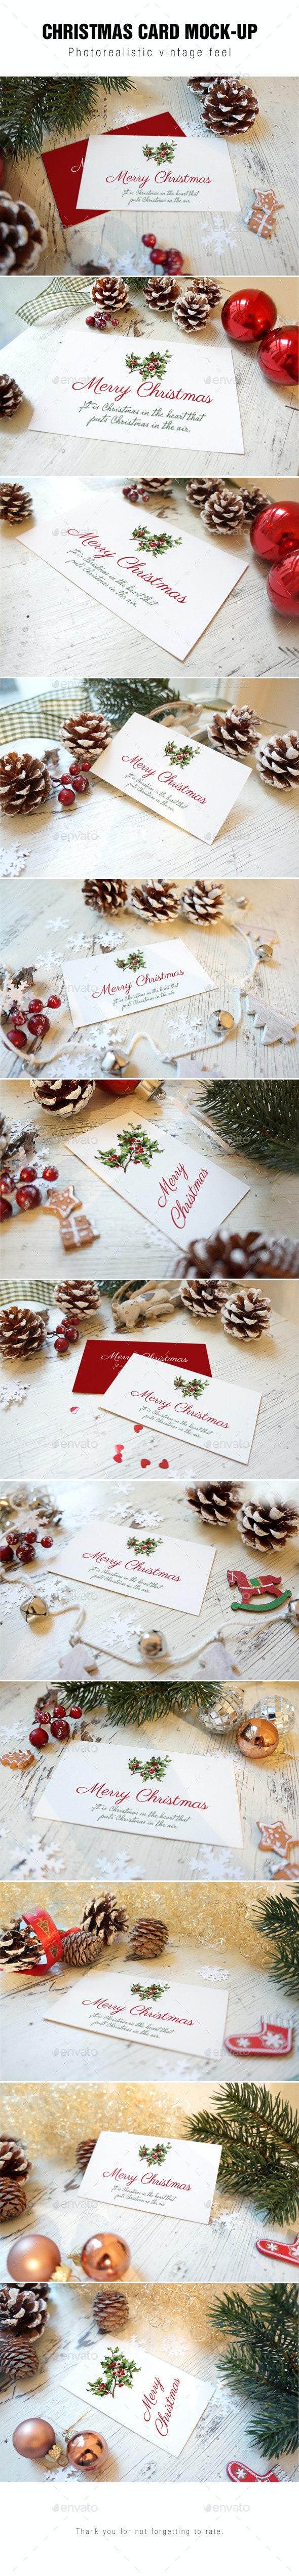 Christmas Card Mockup - Print Product Mock-Ups